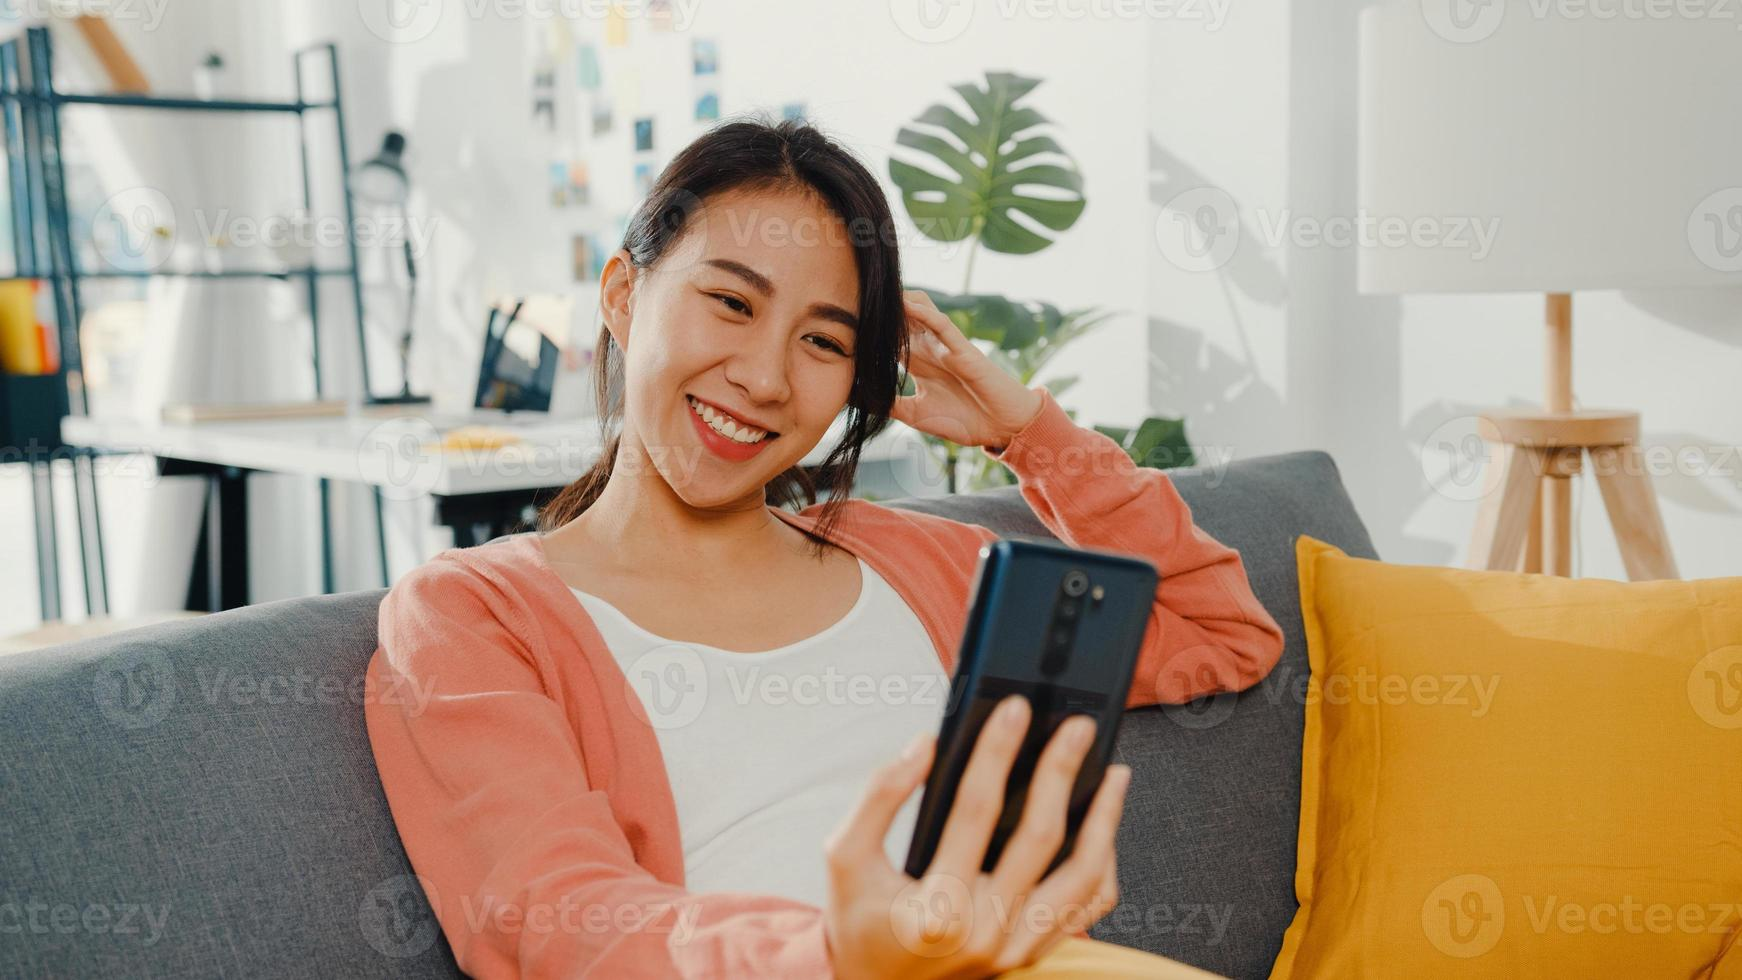 mooie aziatische dame glimlachend en zittend op de bank bel telefoongesprek zeg hallo met familie thuis. thuis blijven, langeafstandsrelatie, familierelatie, afstand houden, covid quarantaineconcept. foto